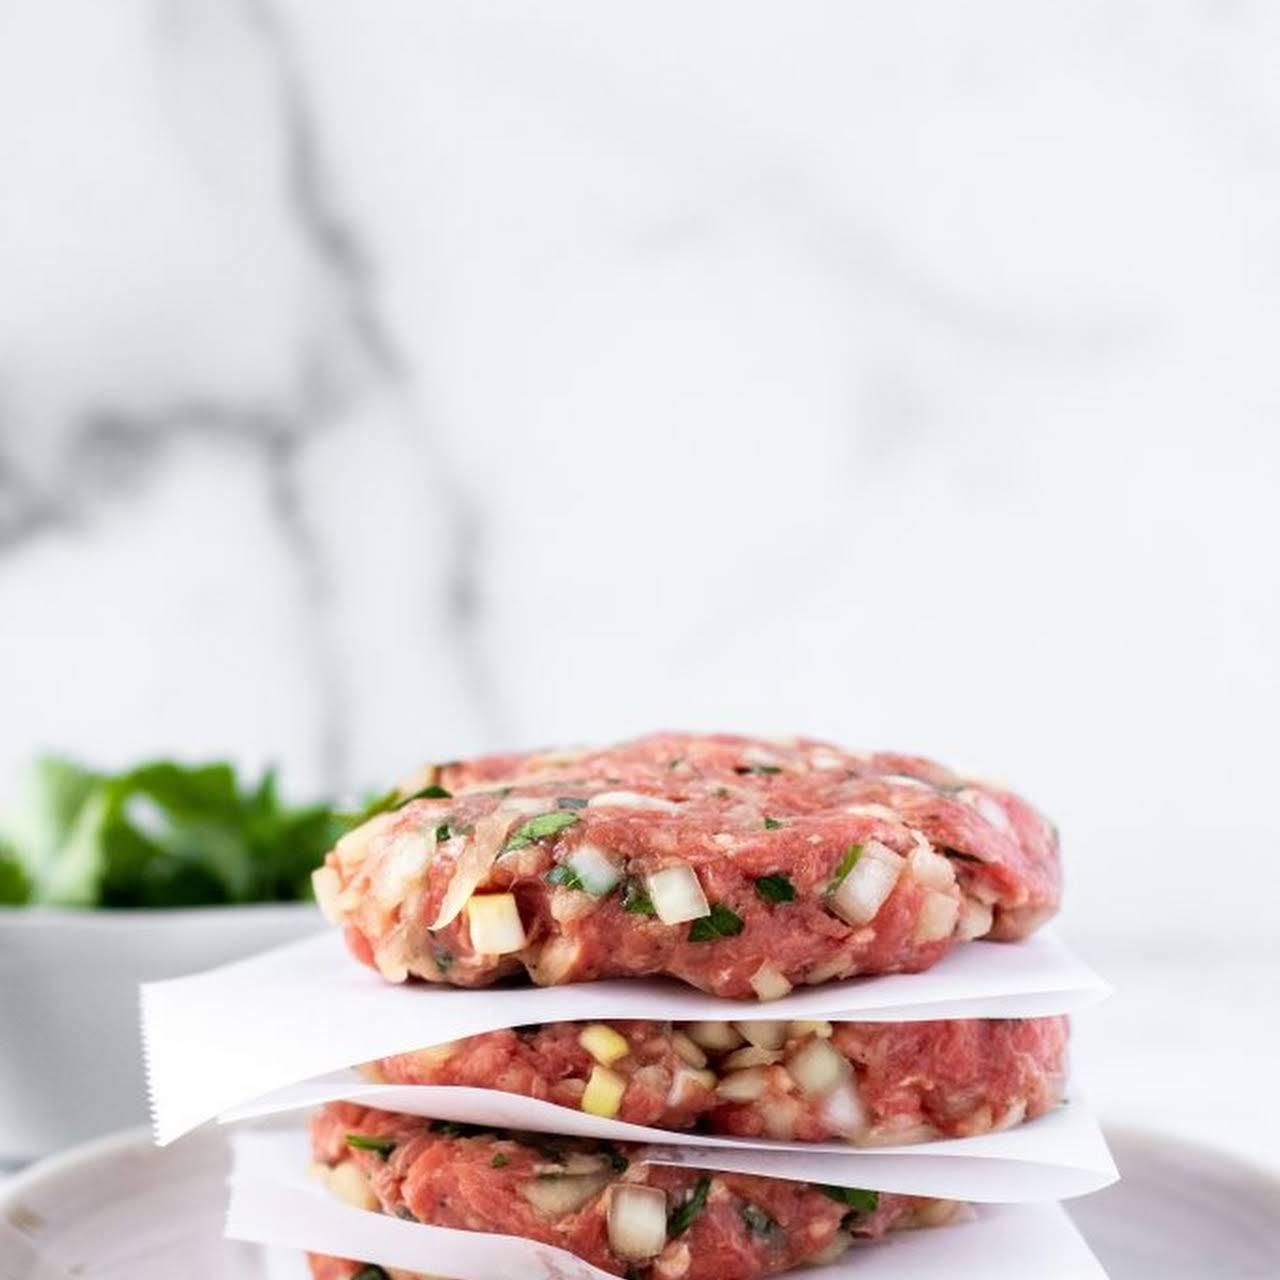 The Best Homemade Hamburger Patties